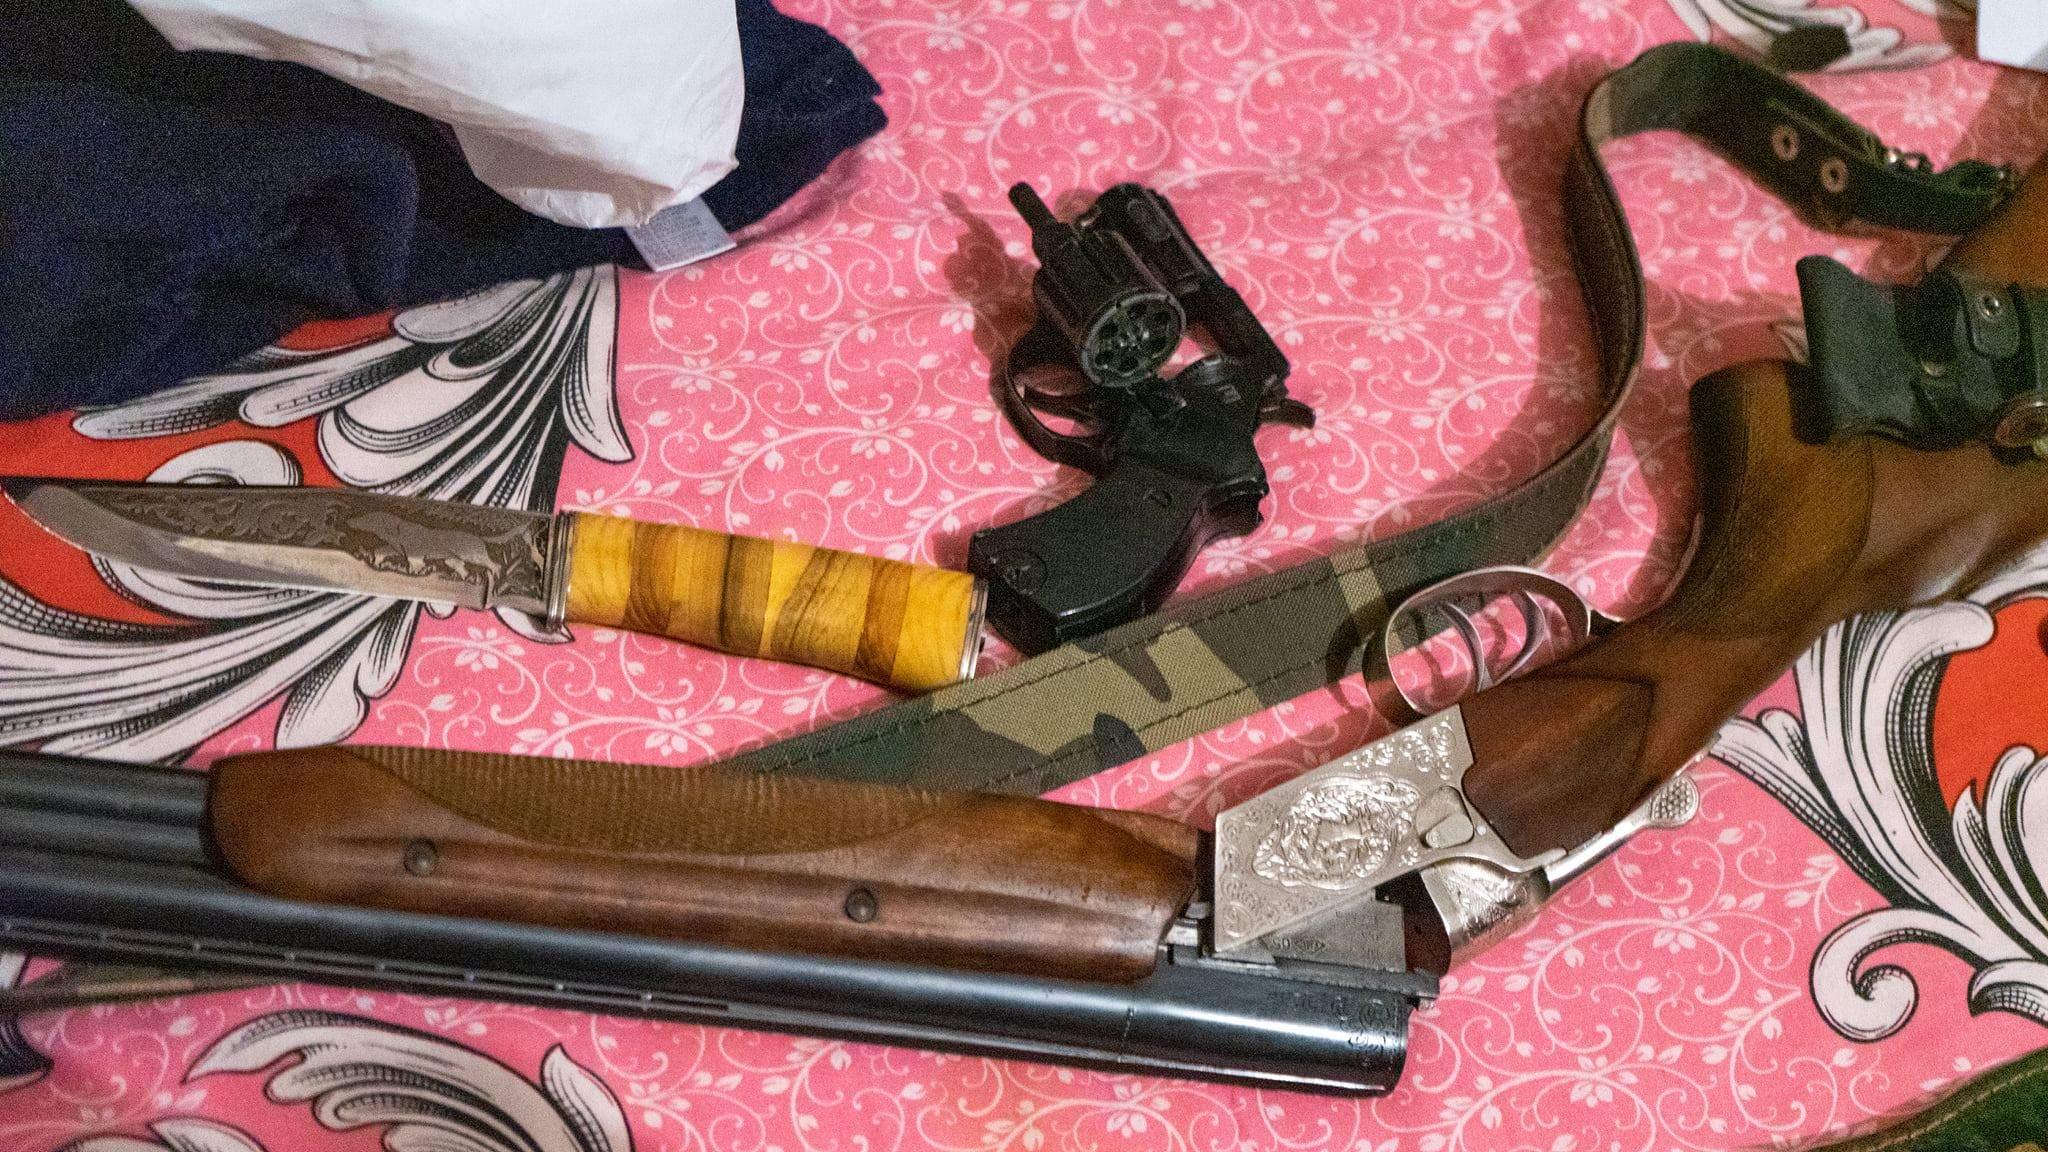 Торгівля людьми Обшуки Франція Шахрайство зброя